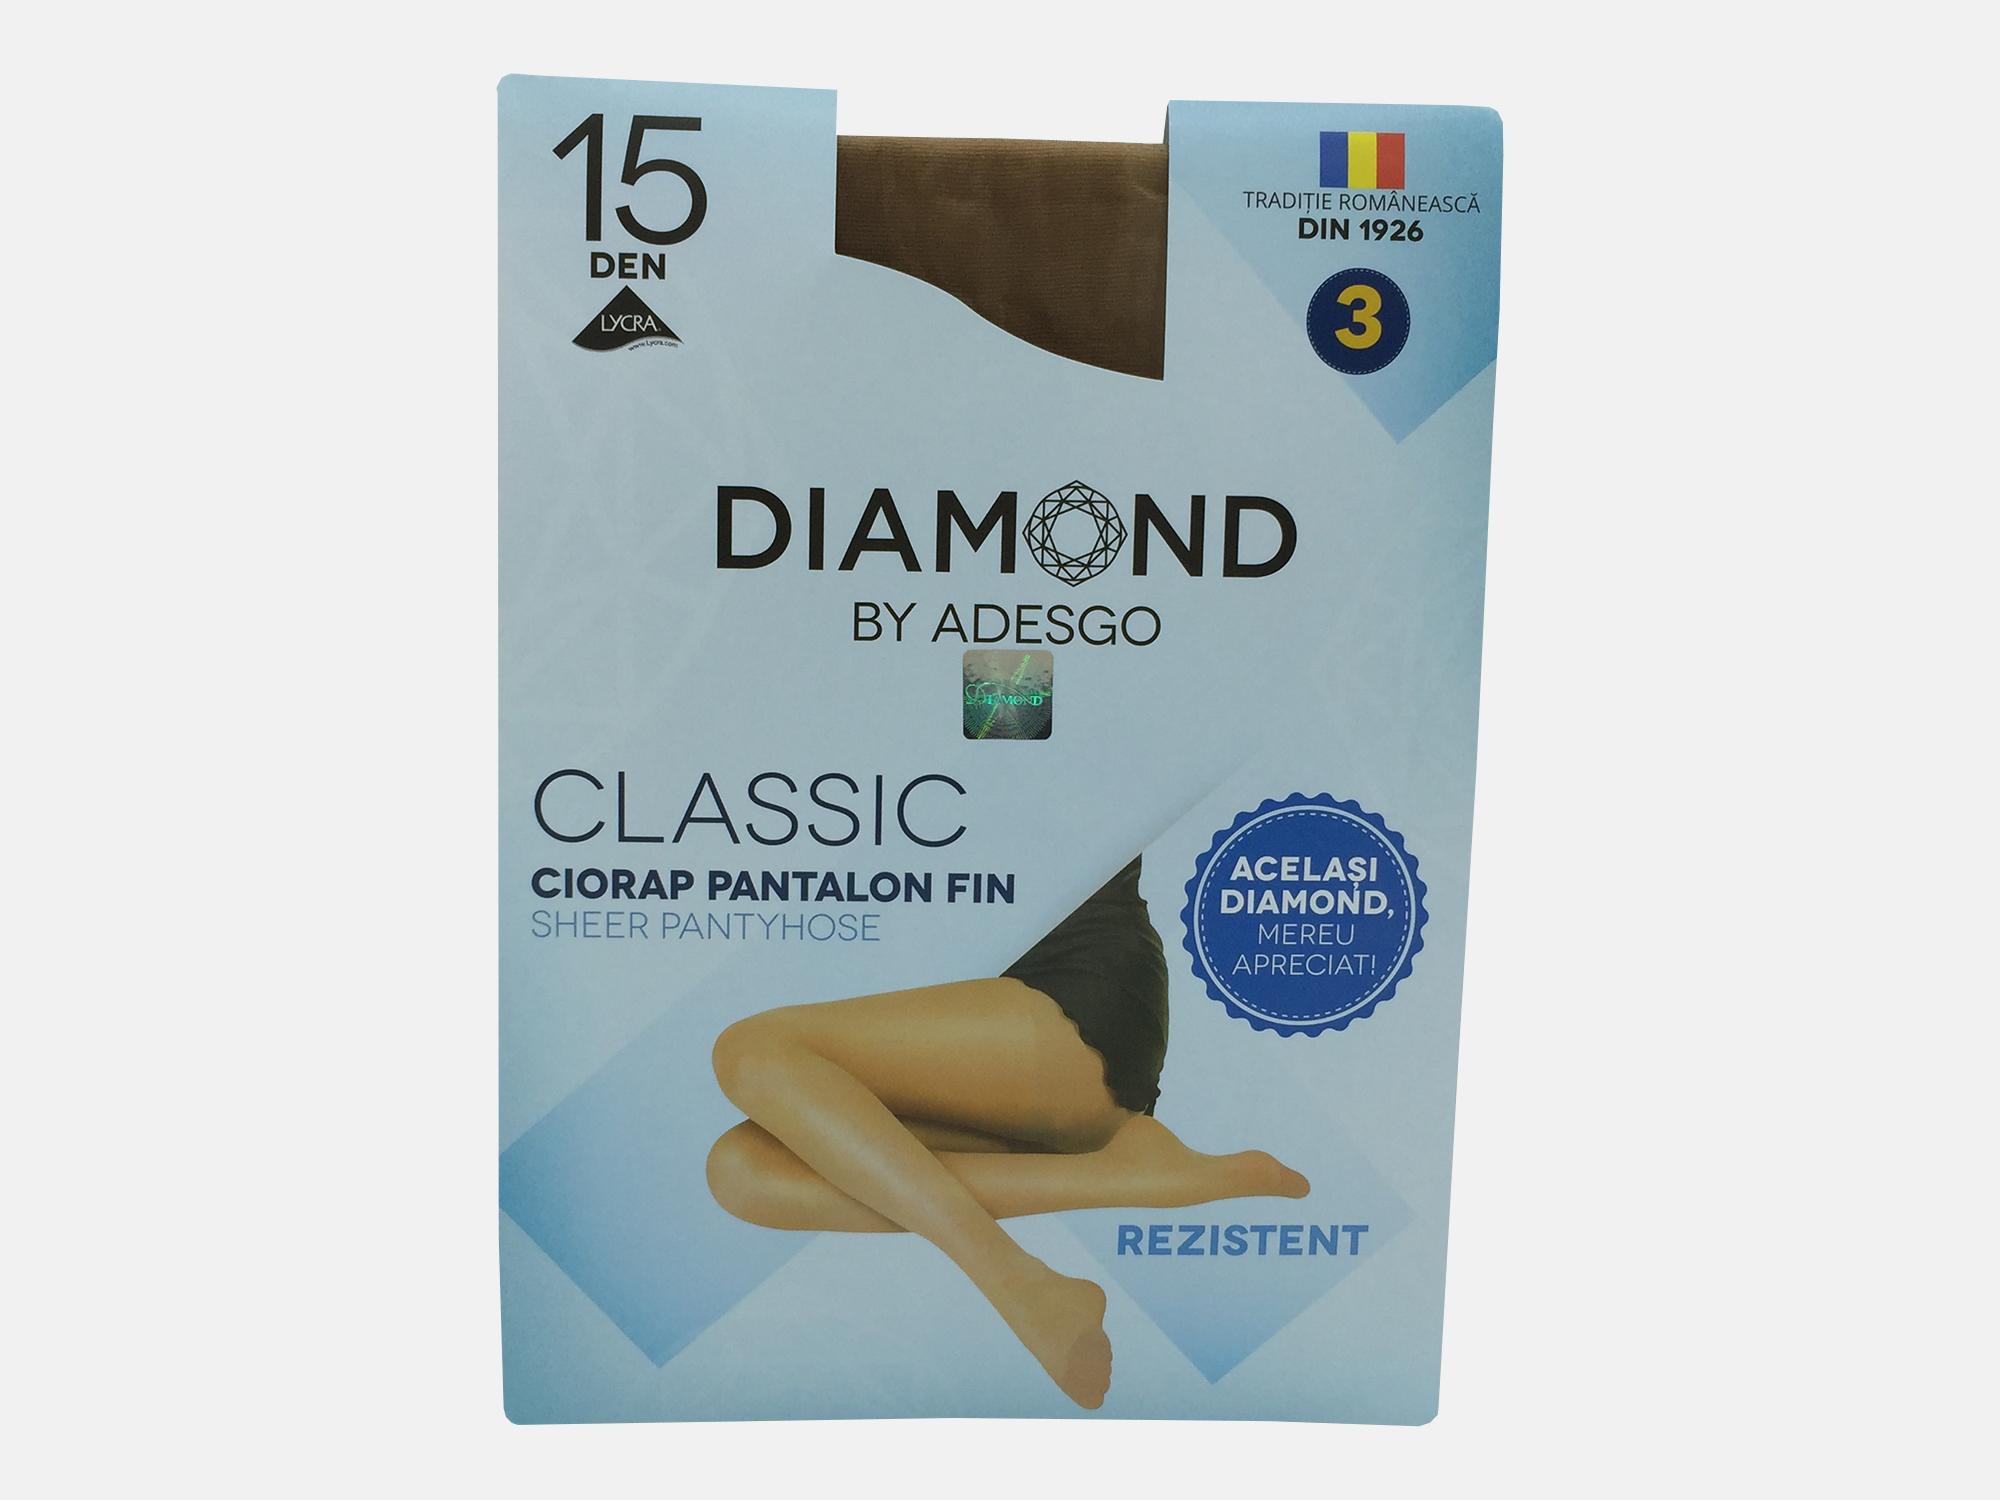 Dres femei lycra 15 Den - Bej - 3 set - Diamond Classic  Adesgo